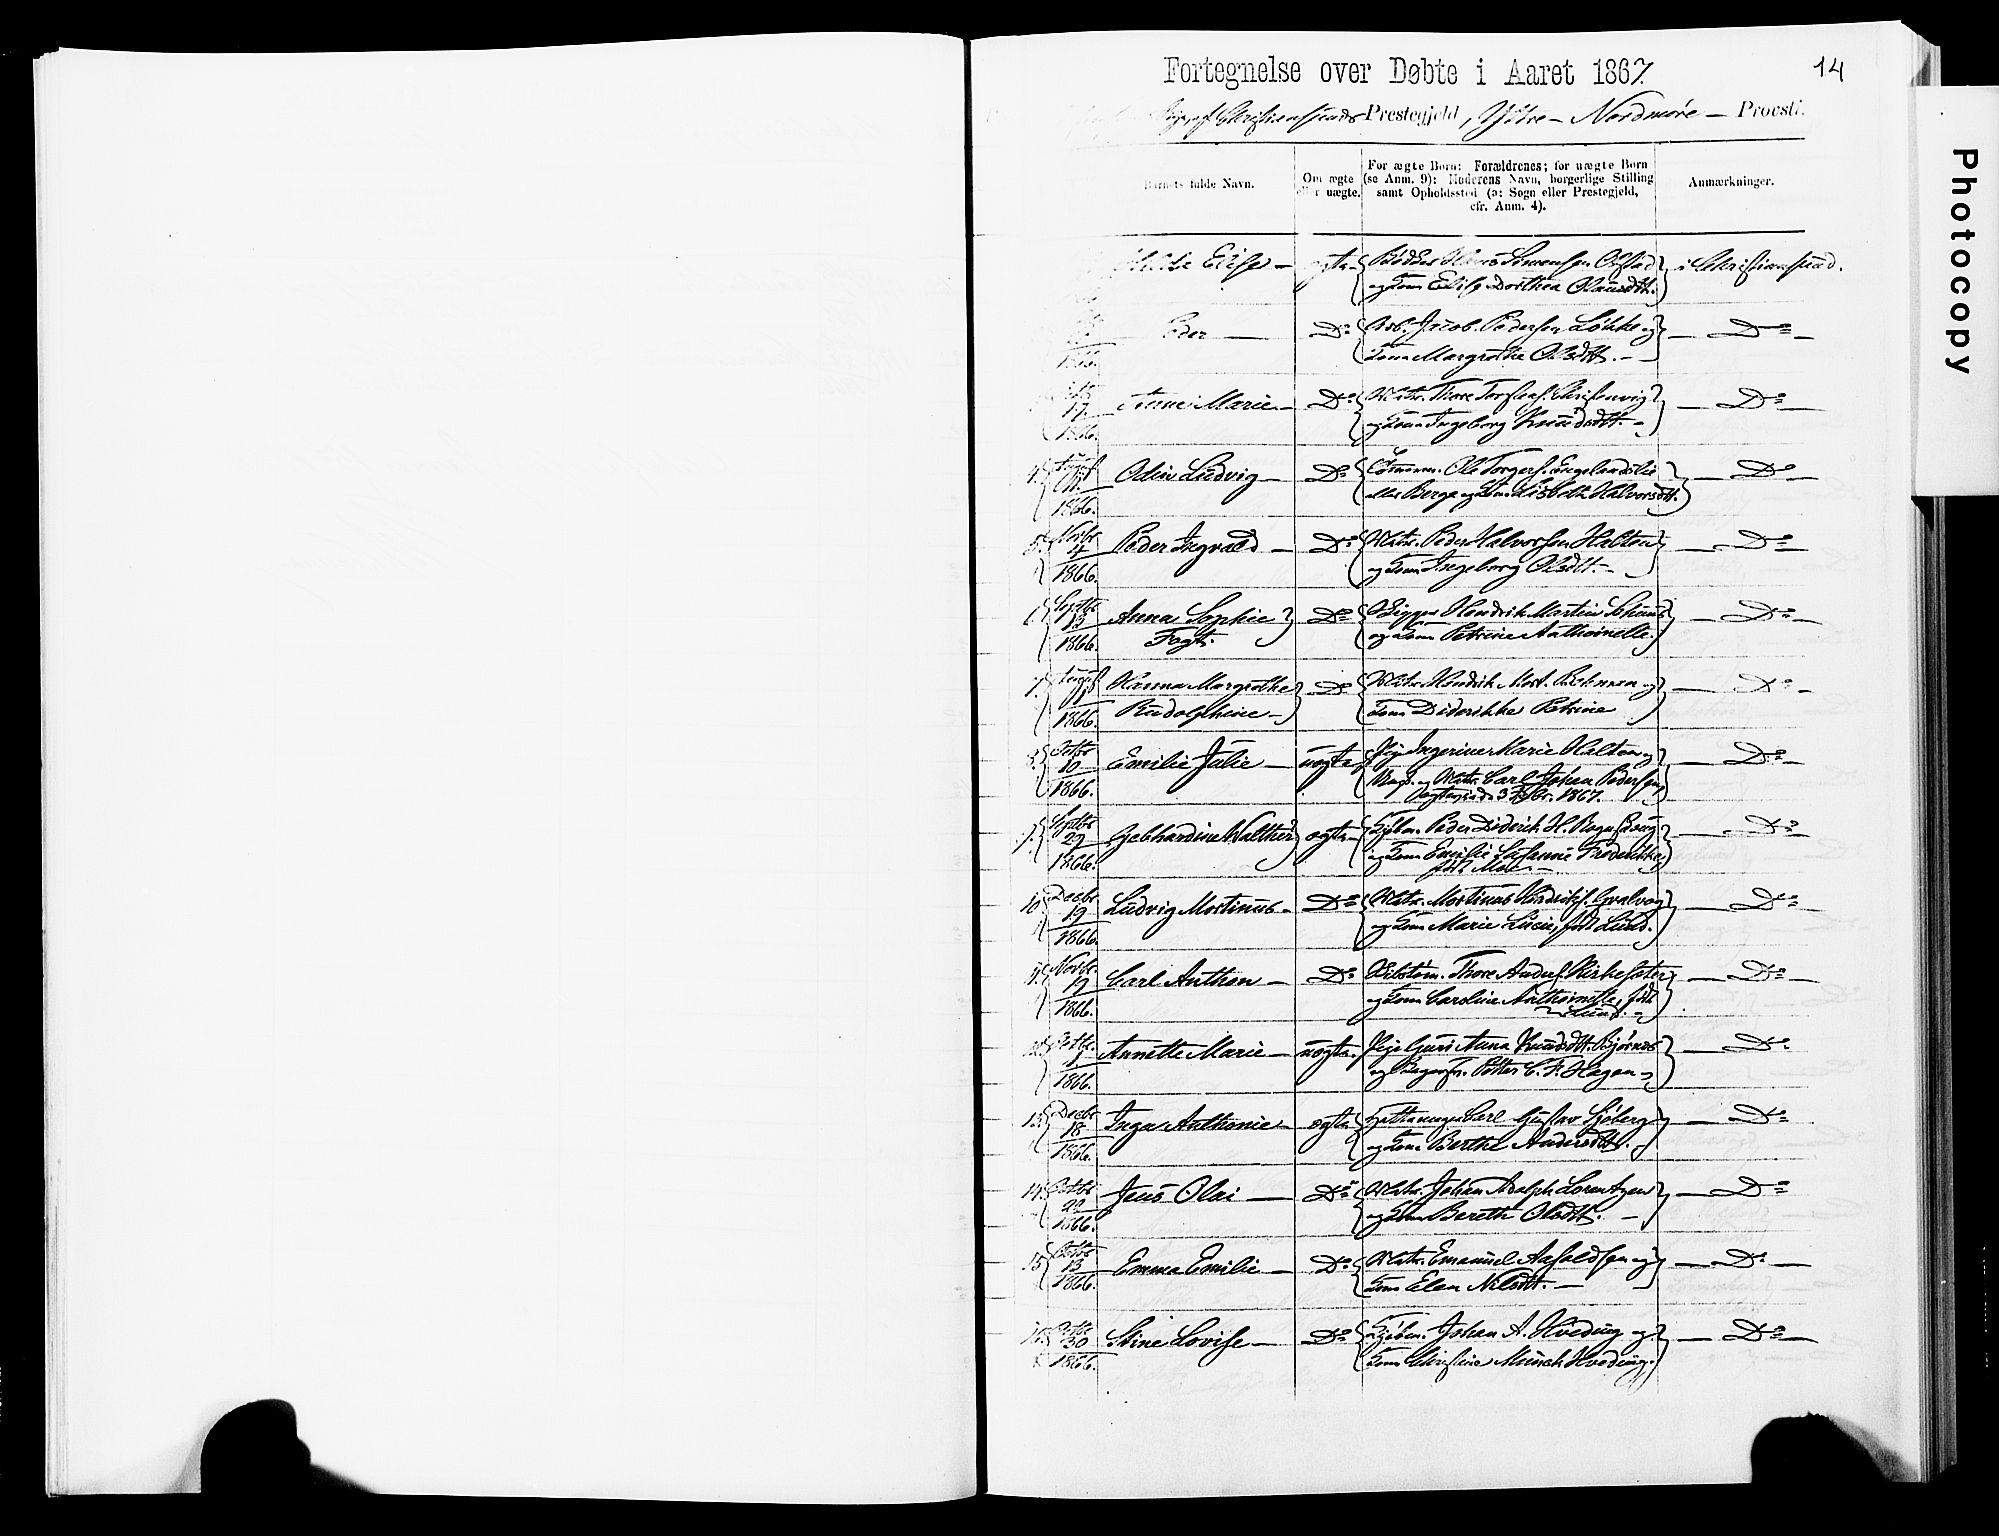 SAT, Ministerialprotokoller, klokkerbøker og fødselsregistre - Møre og Romsdal, 572/L0857: Ministerialbok nr. 572D01, 1866-1872, s. 14